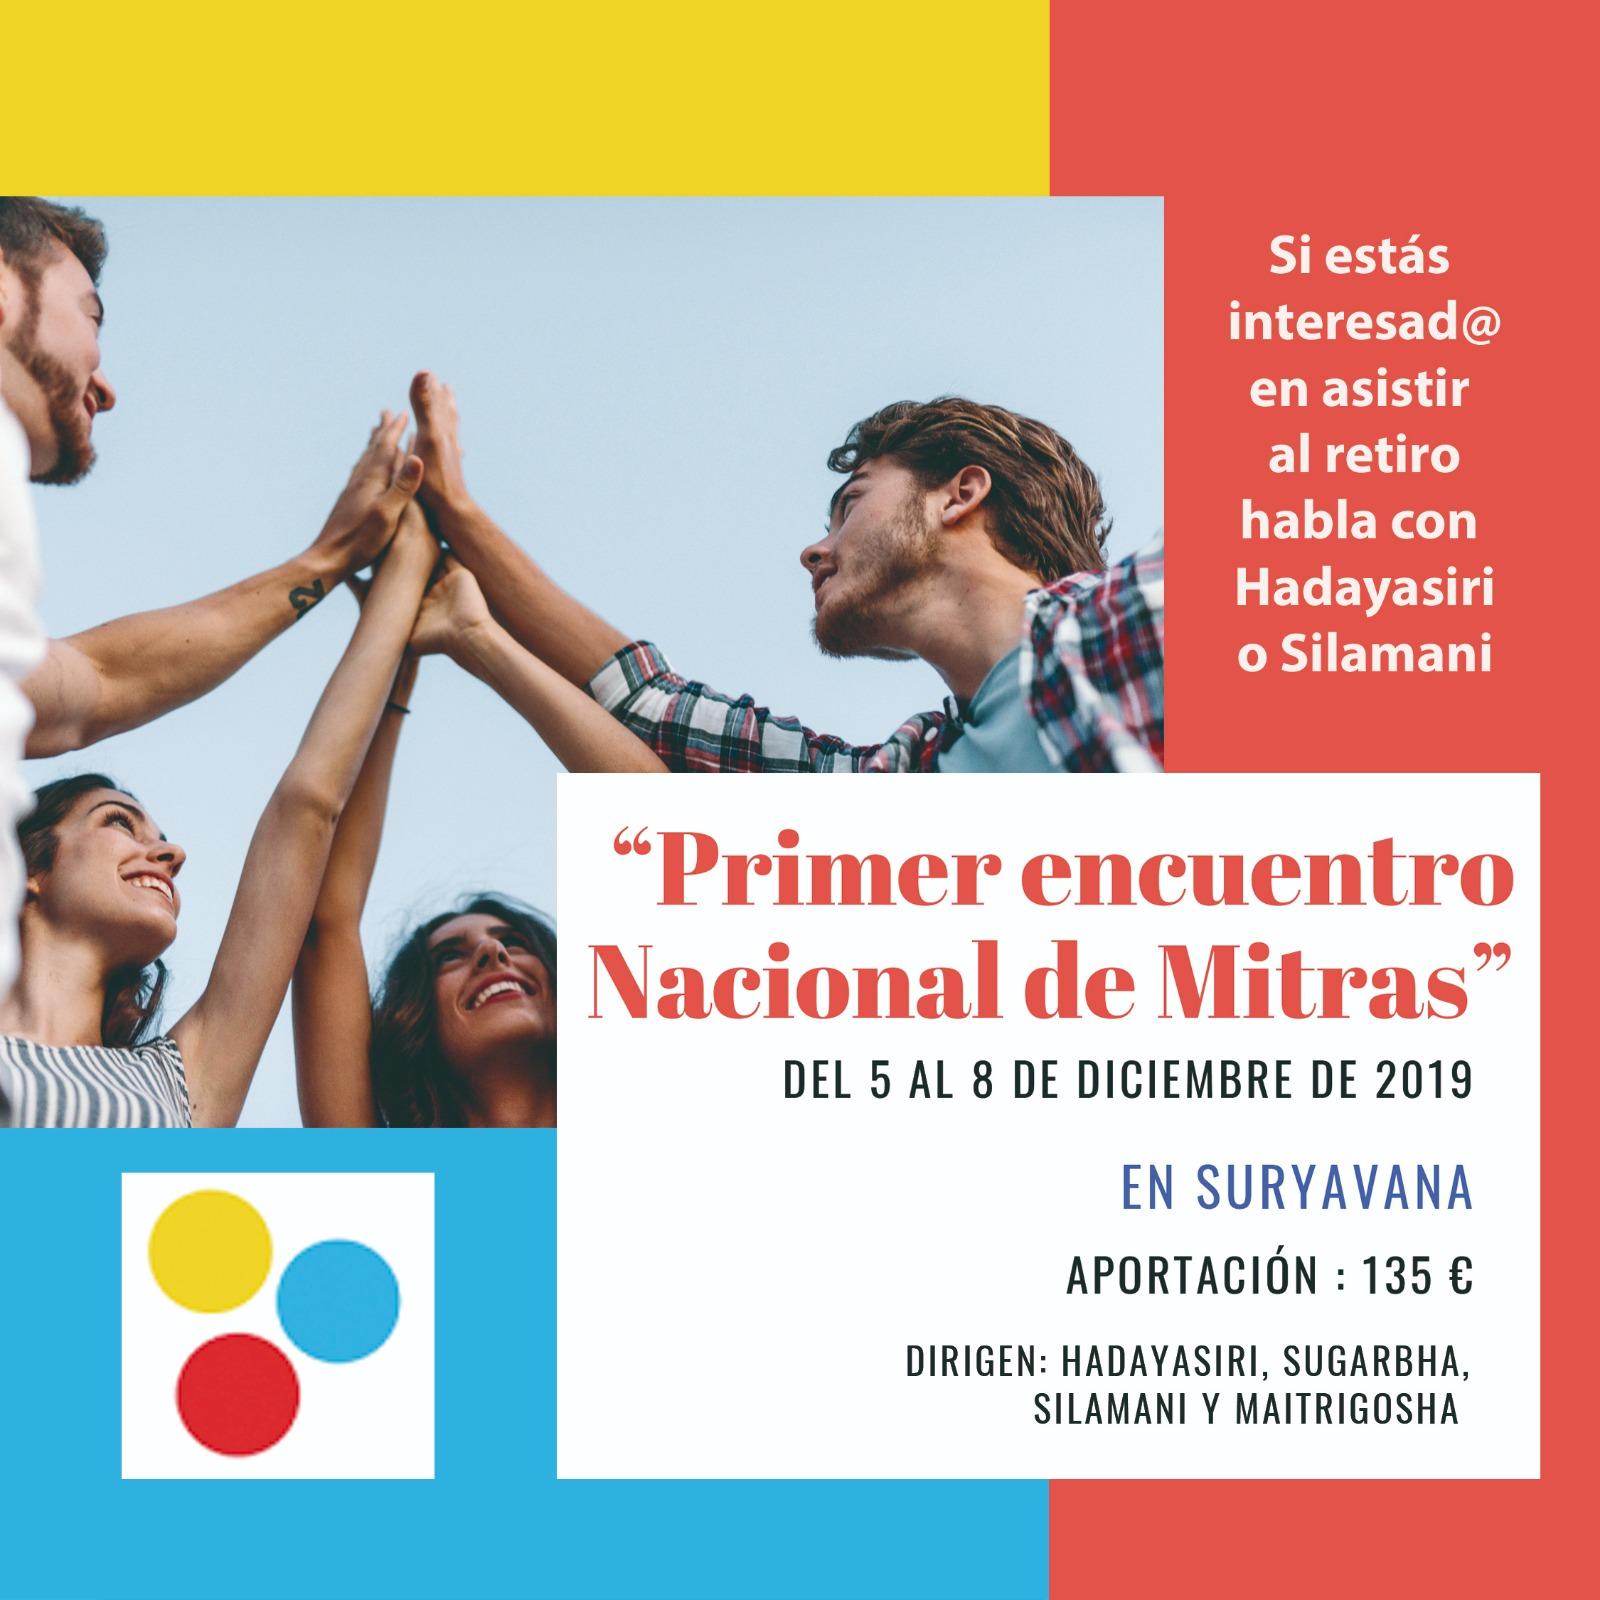 Primer Encuentro Nacional de Mitras